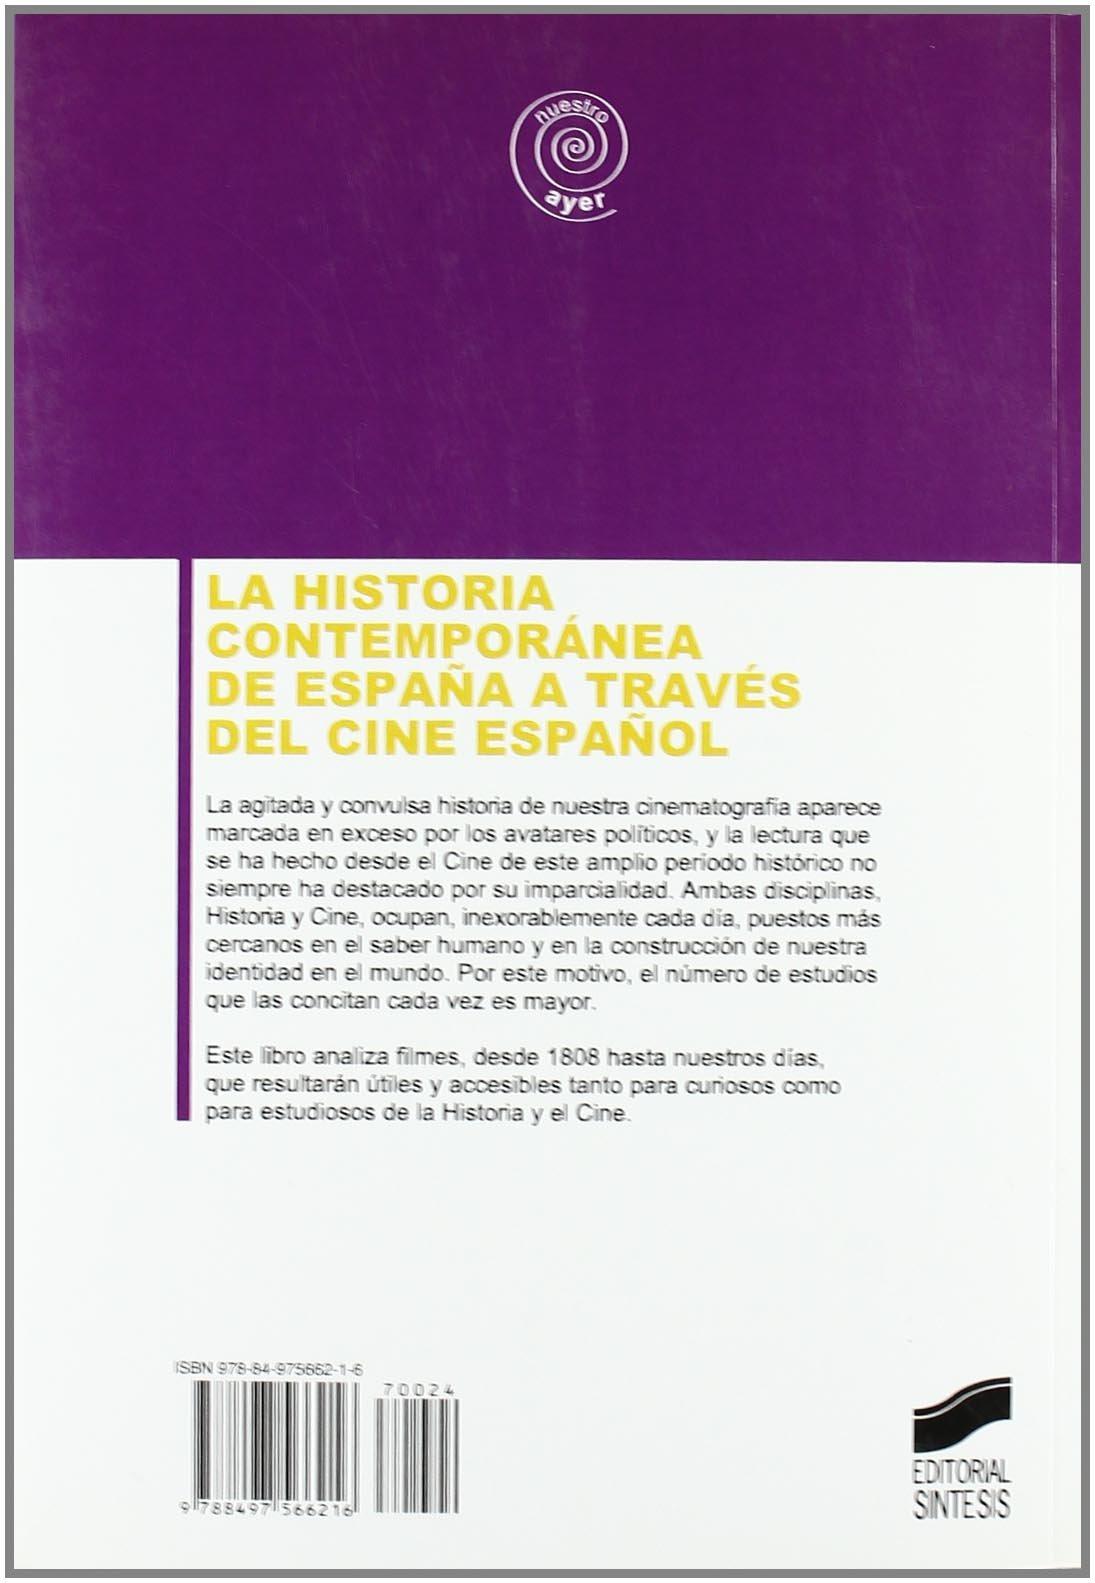 La historia contemporánea de España a través del cine español: 24 Nuestro ayer: Amazon.es: Navarrete Cardero, José Luis: Libros